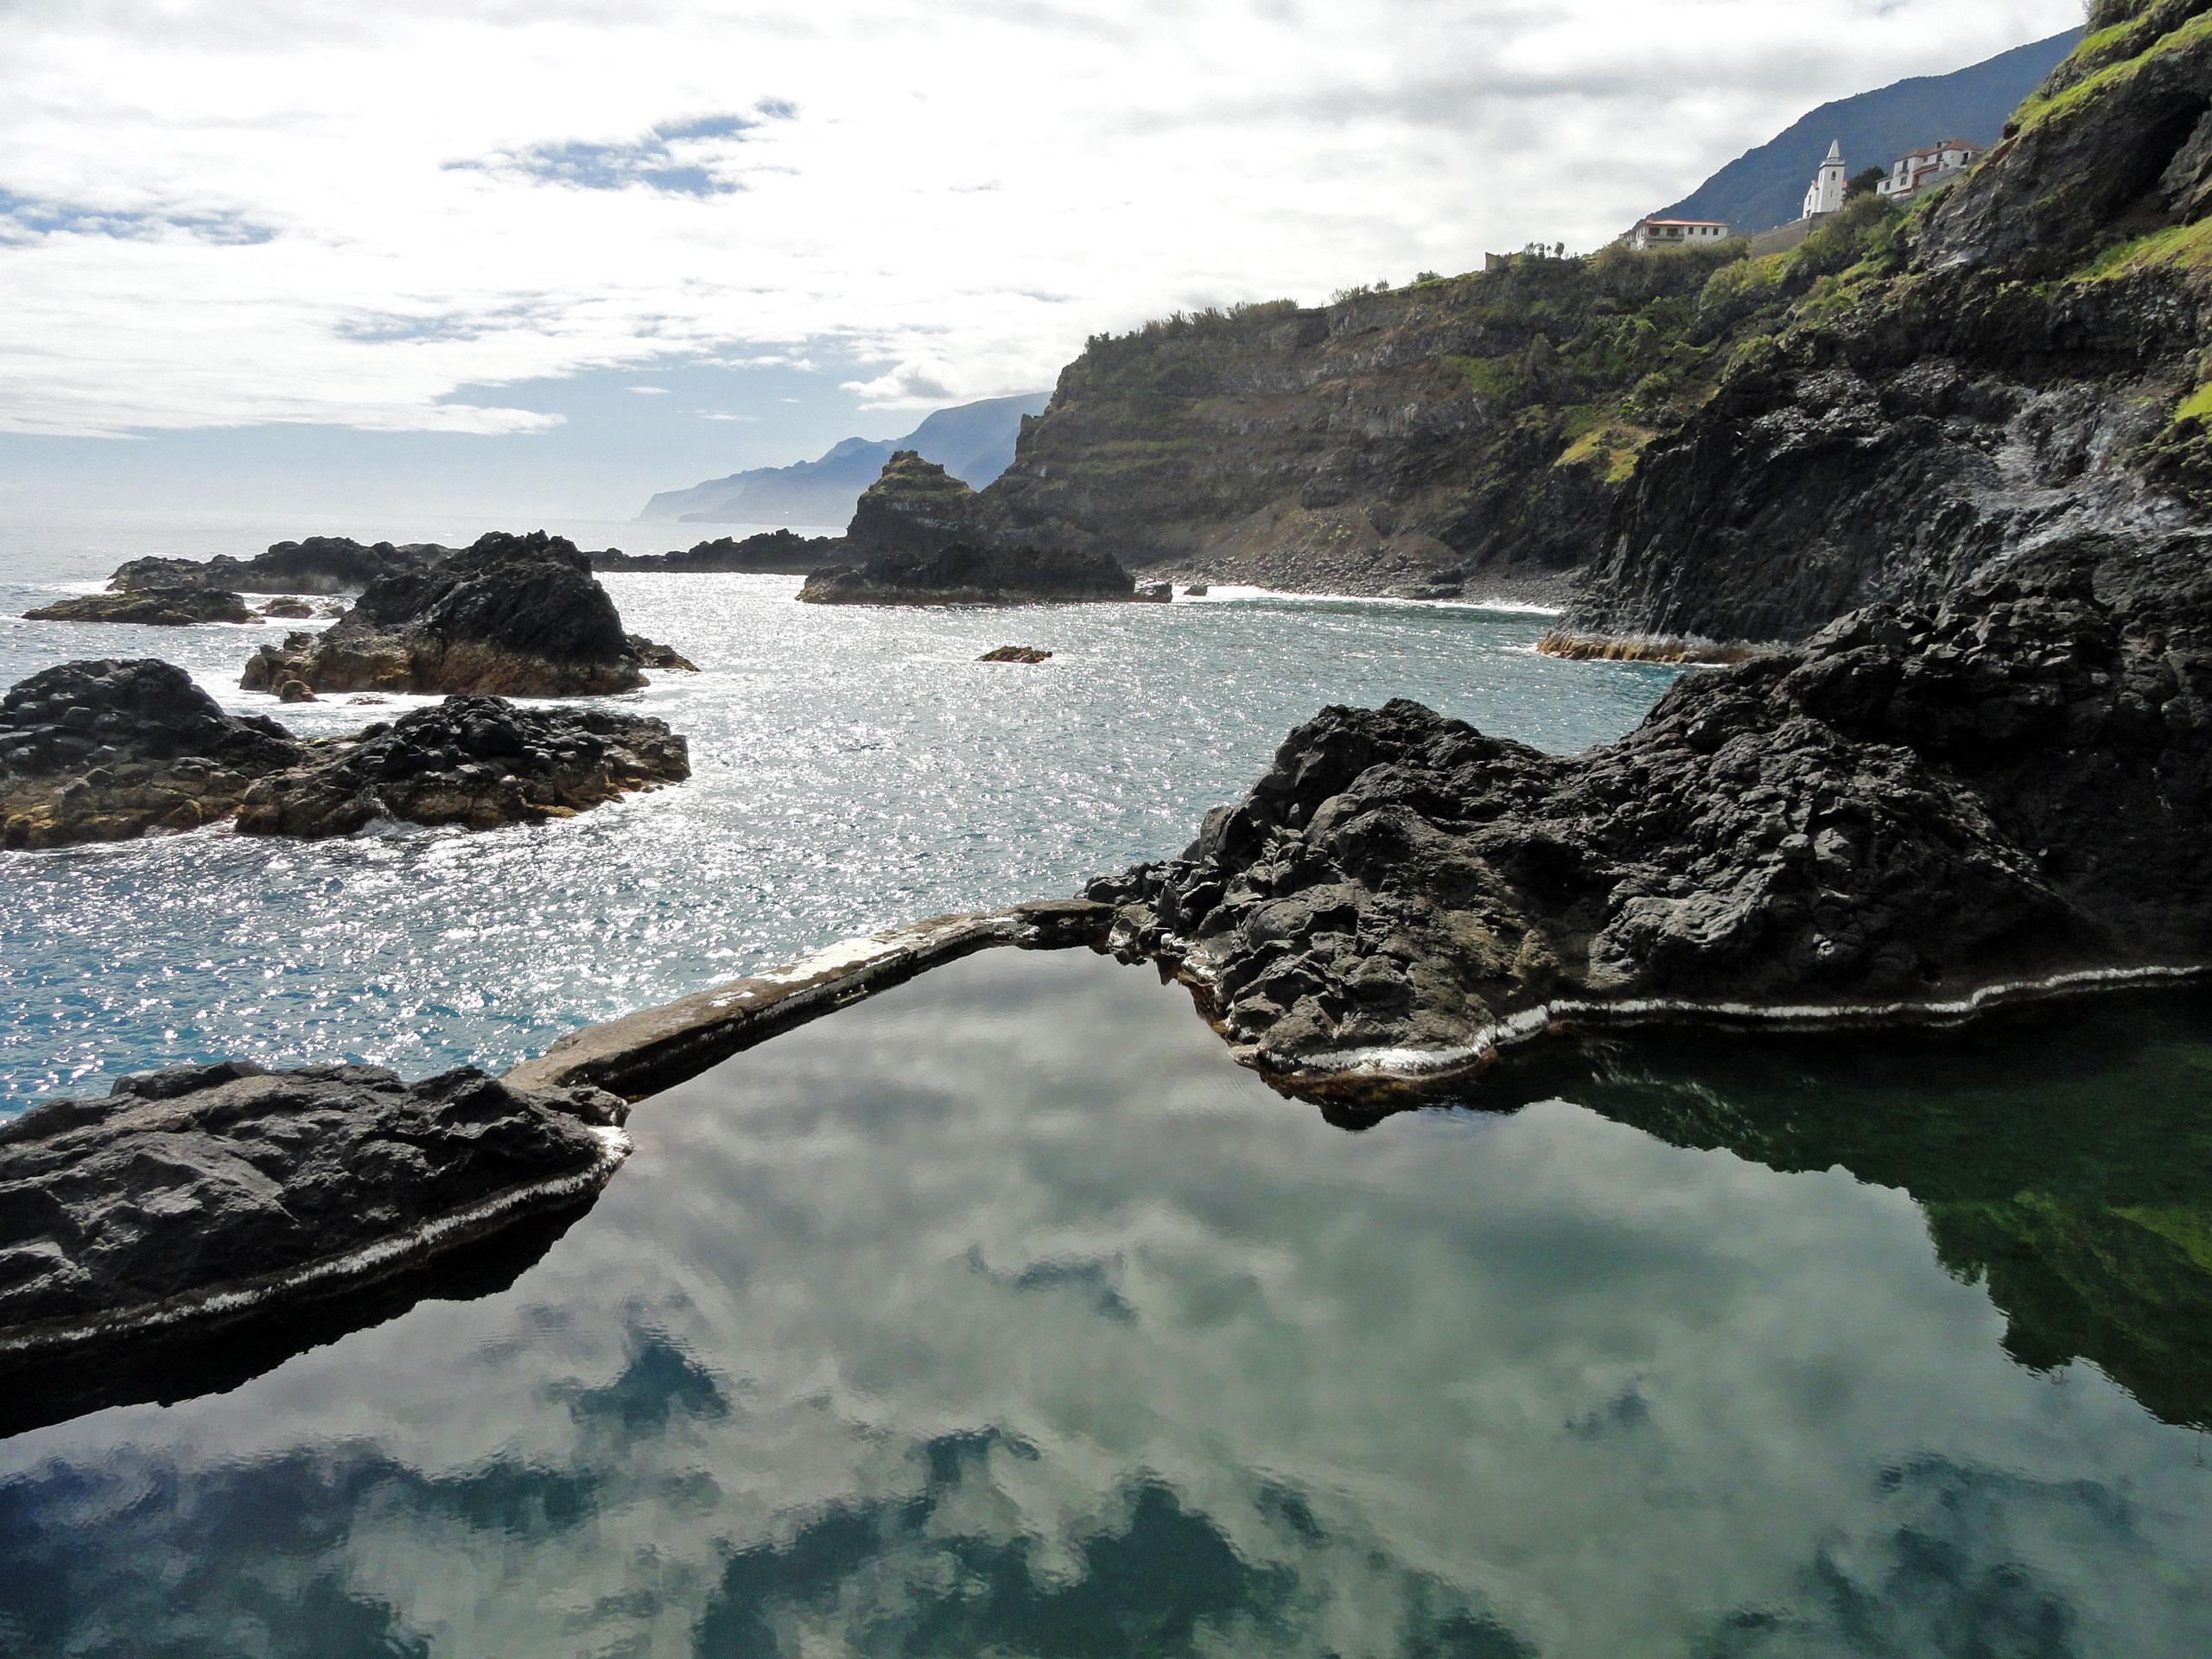 Autem po severním pobřežím Madeiry za přírodními bazény